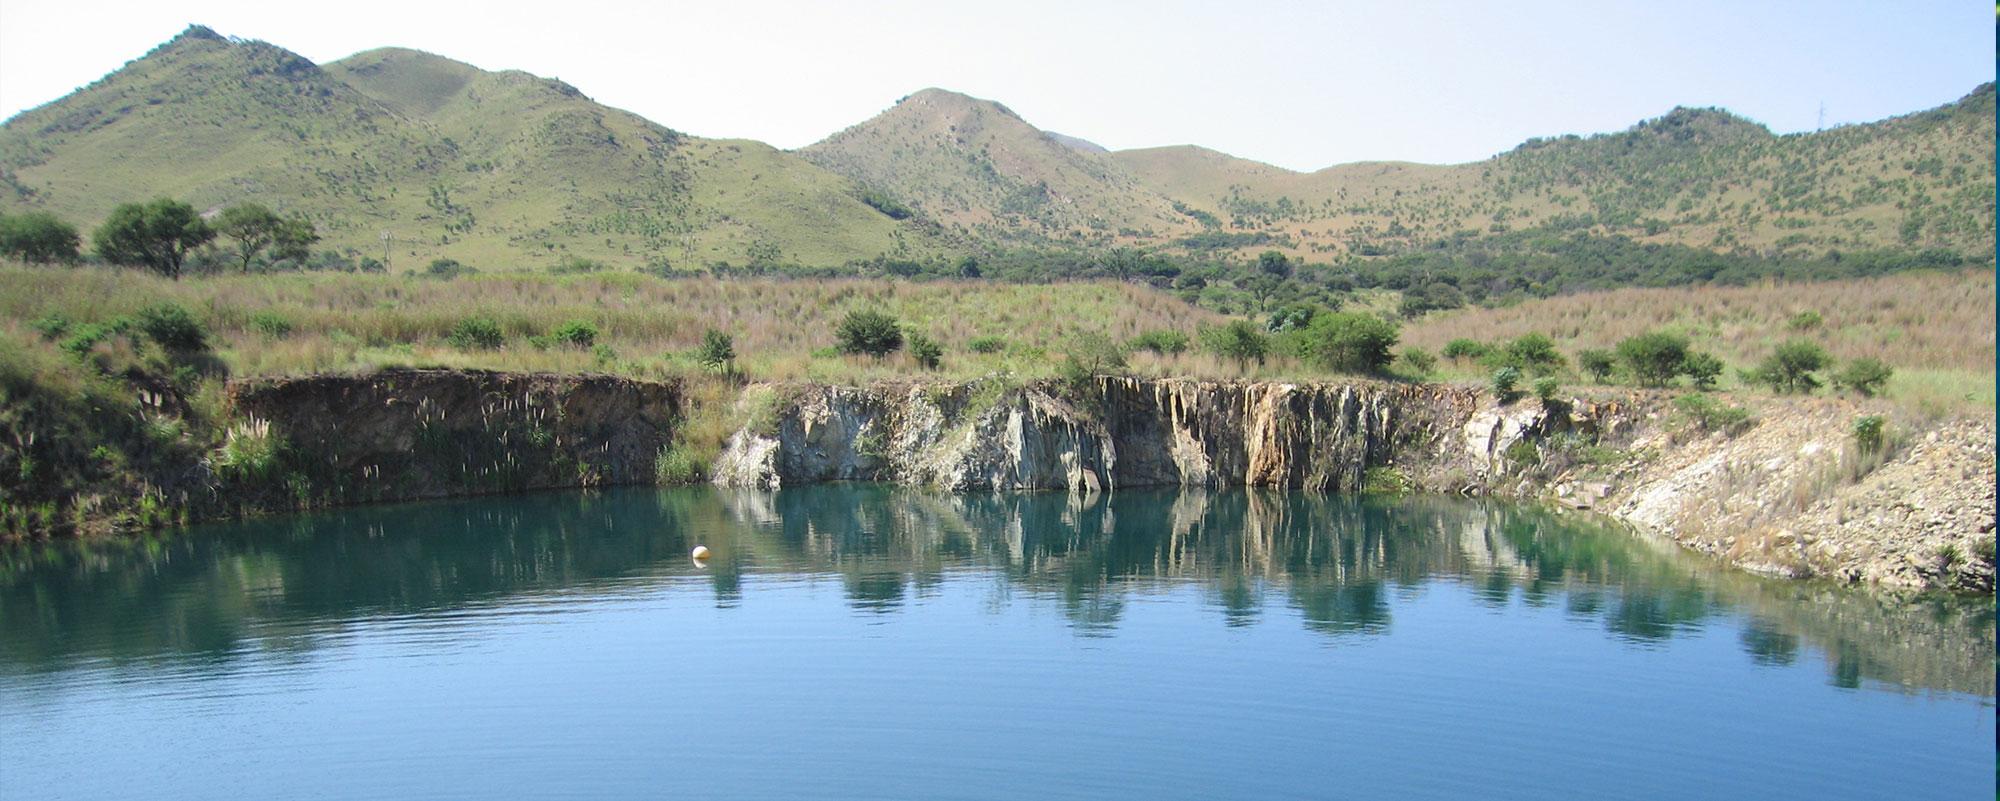 Komati Springs Diving Site